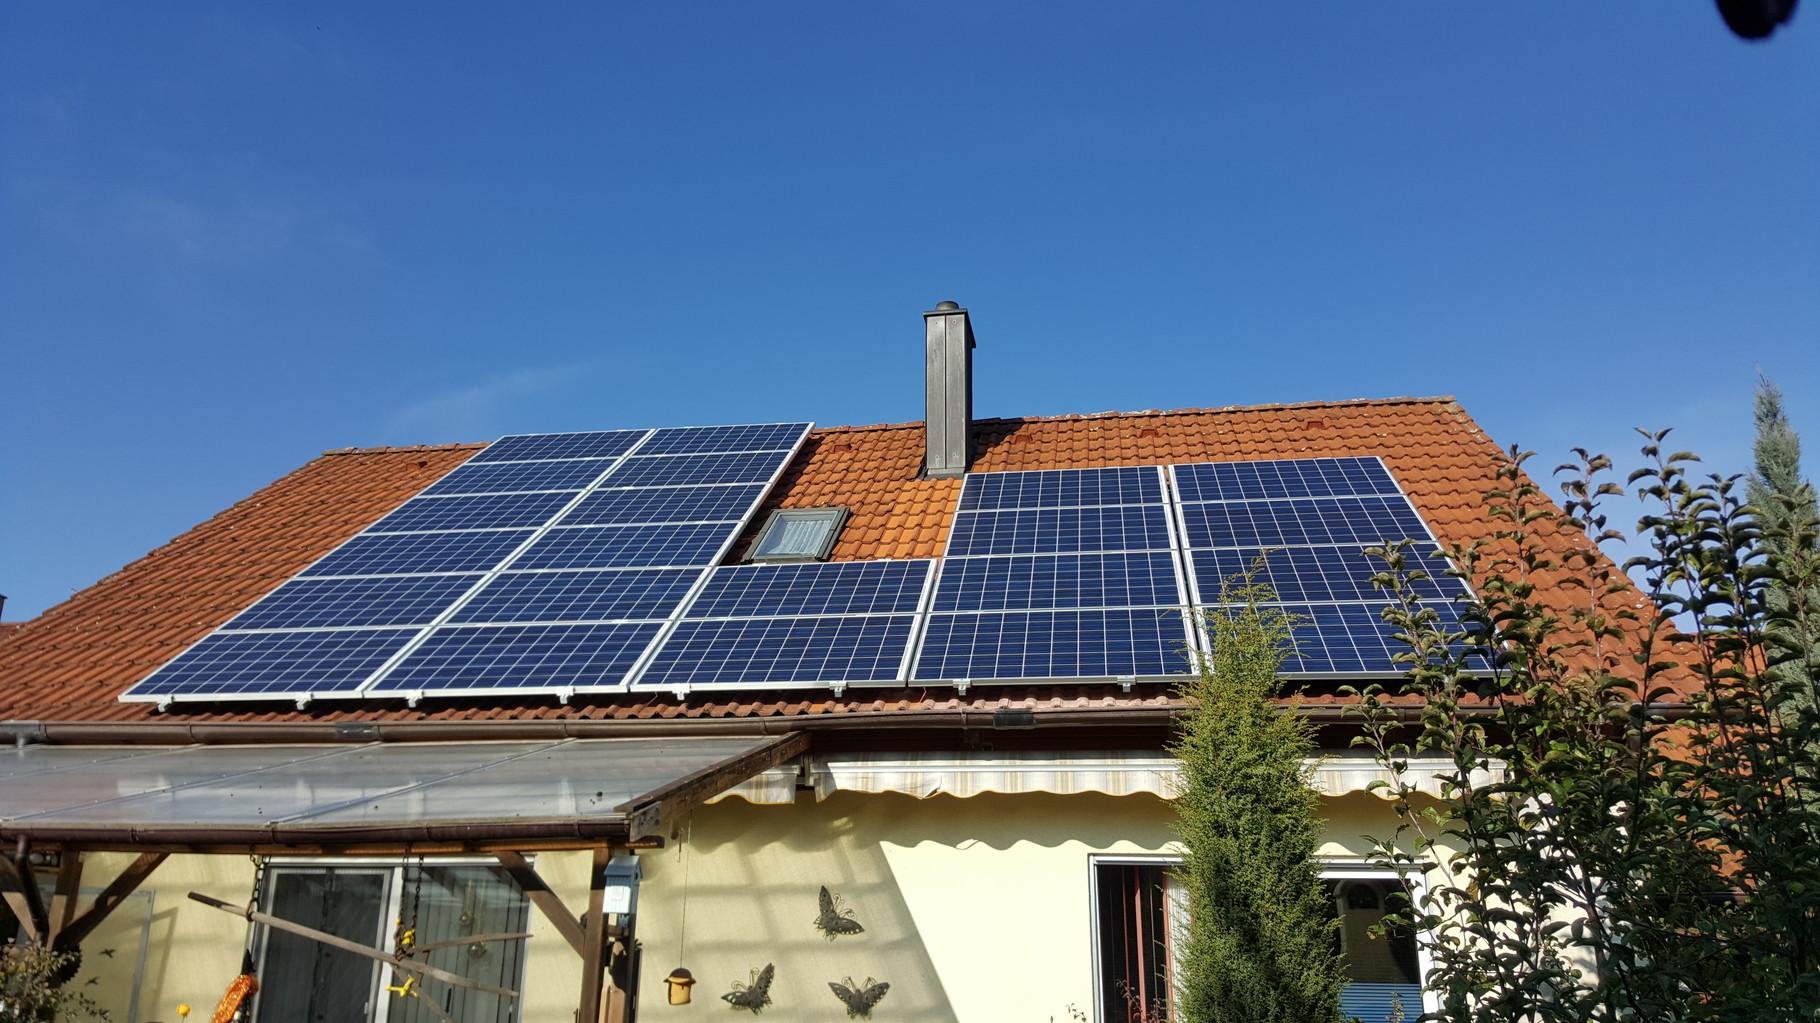 5,72 kWp Photovoltaikanlage mit Solarwatt Glas/Glas Module 30 Jahre Garantie mit Senec 4.0Pb Speicher in Pfaffenkofen